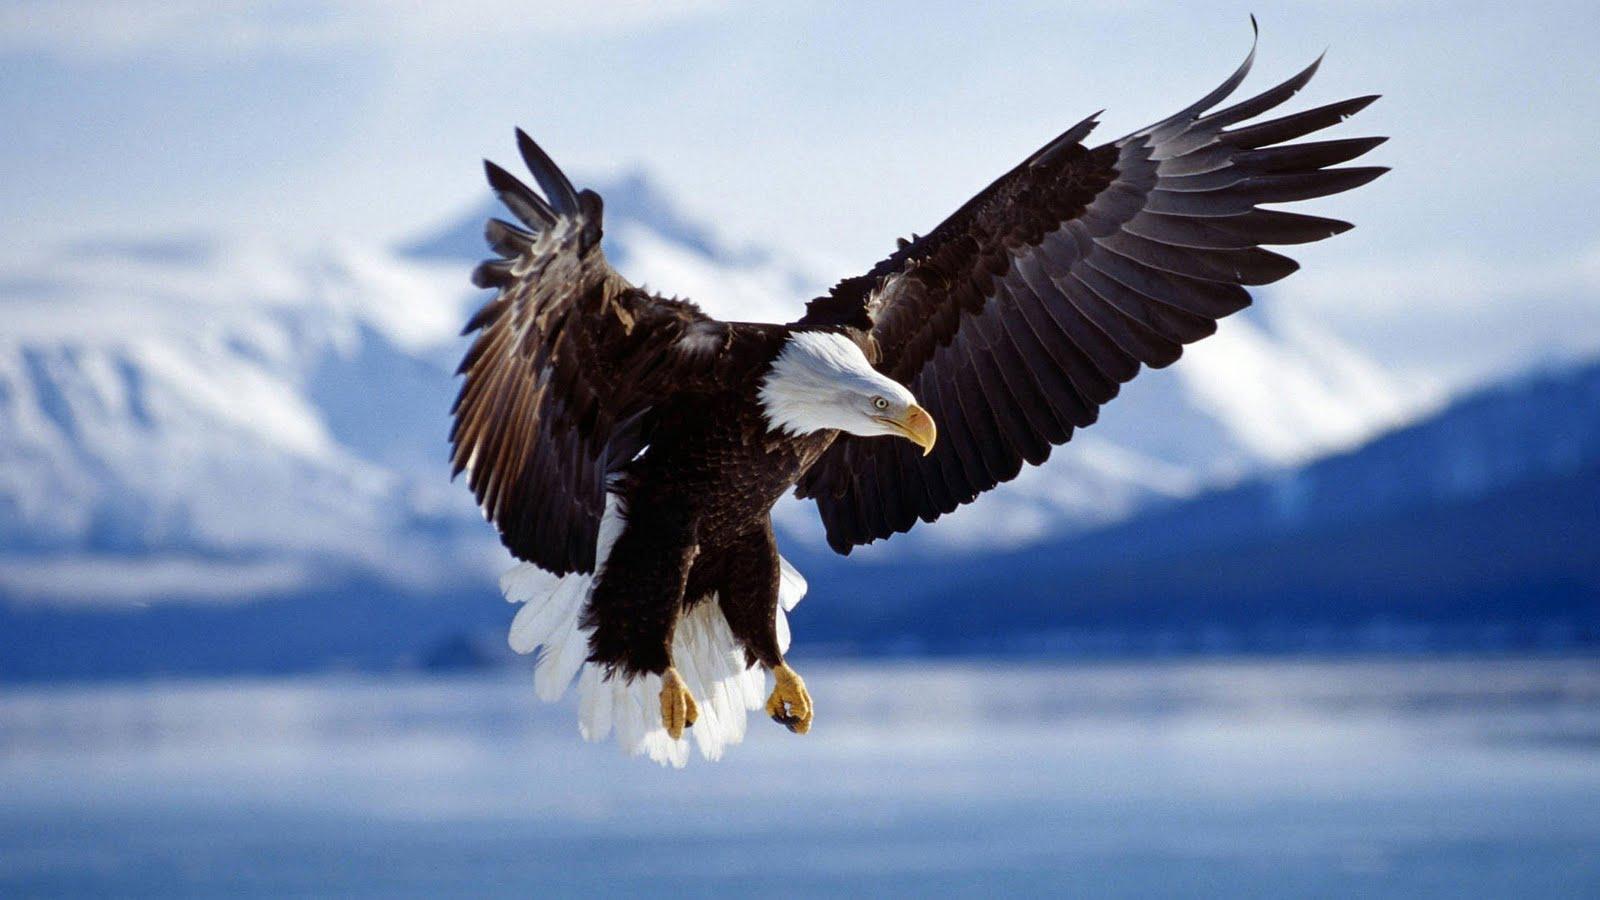 Adelaar achtergronden hd wallpapers - Harpy eagle hd wallpaper ...